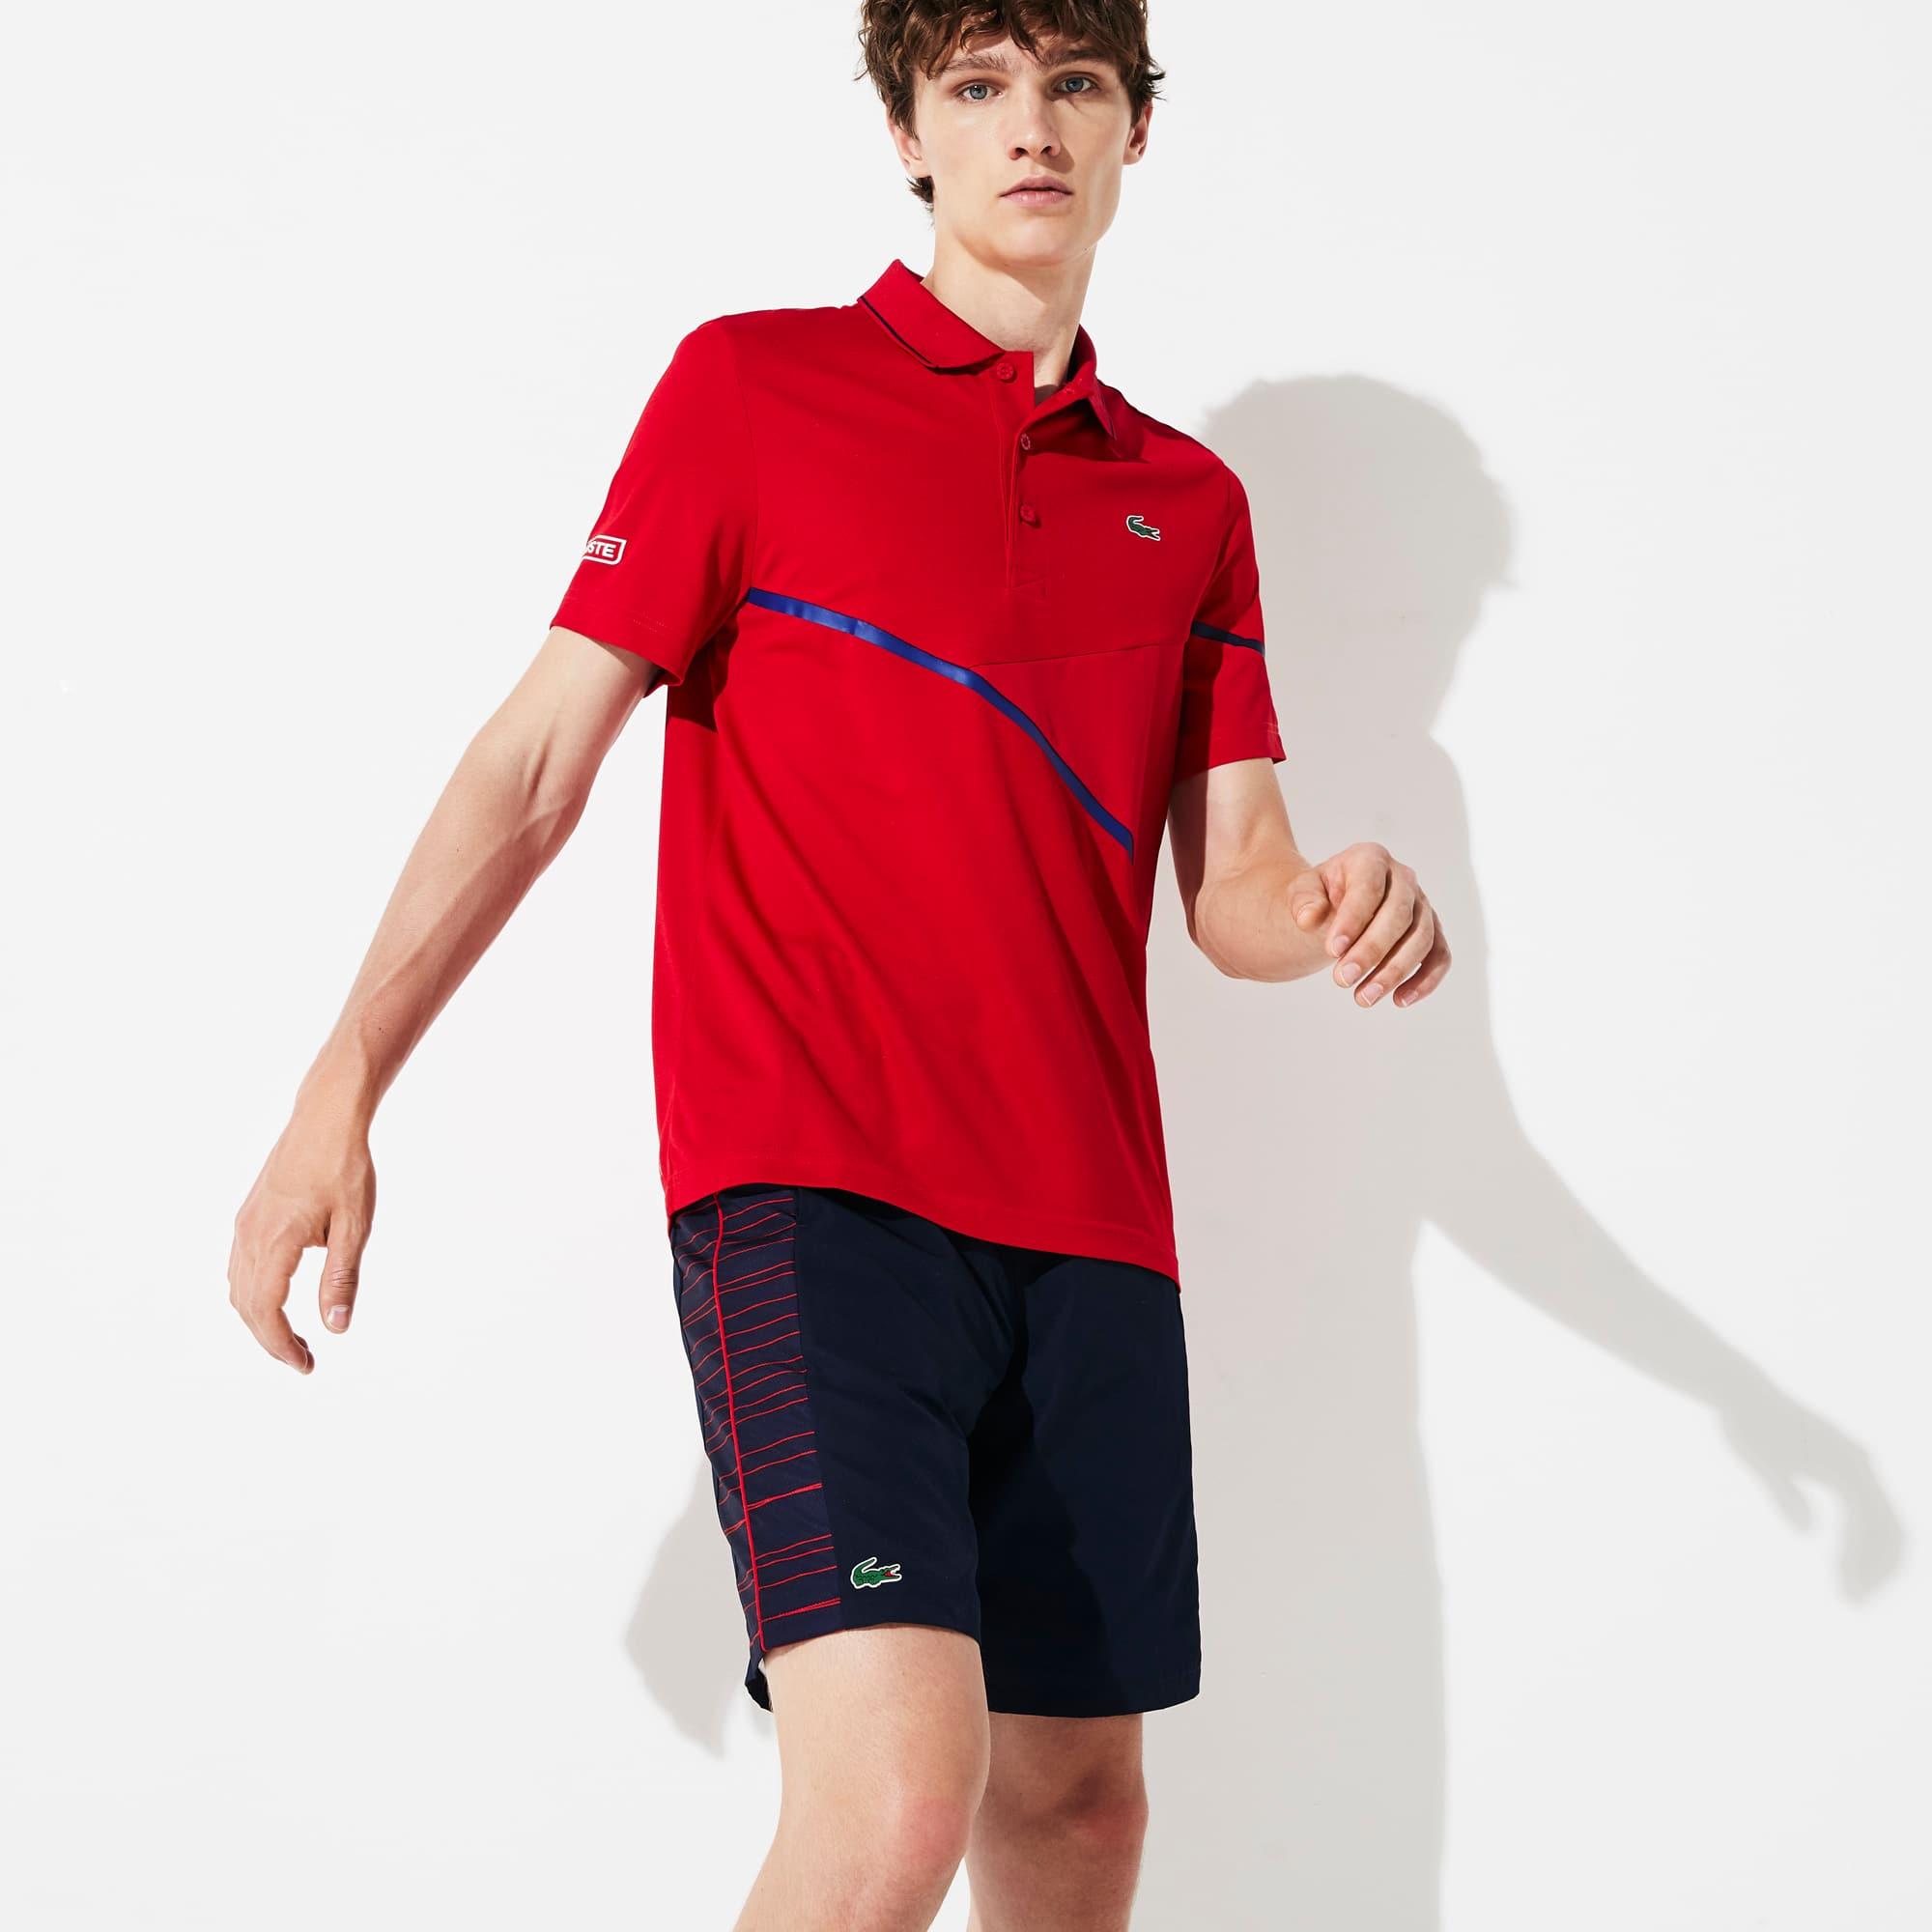 라코스테 Lacoste Mens SPORT Mesh-Paneled Pique Tennis Polo,Red / Navy Blue - 2FV